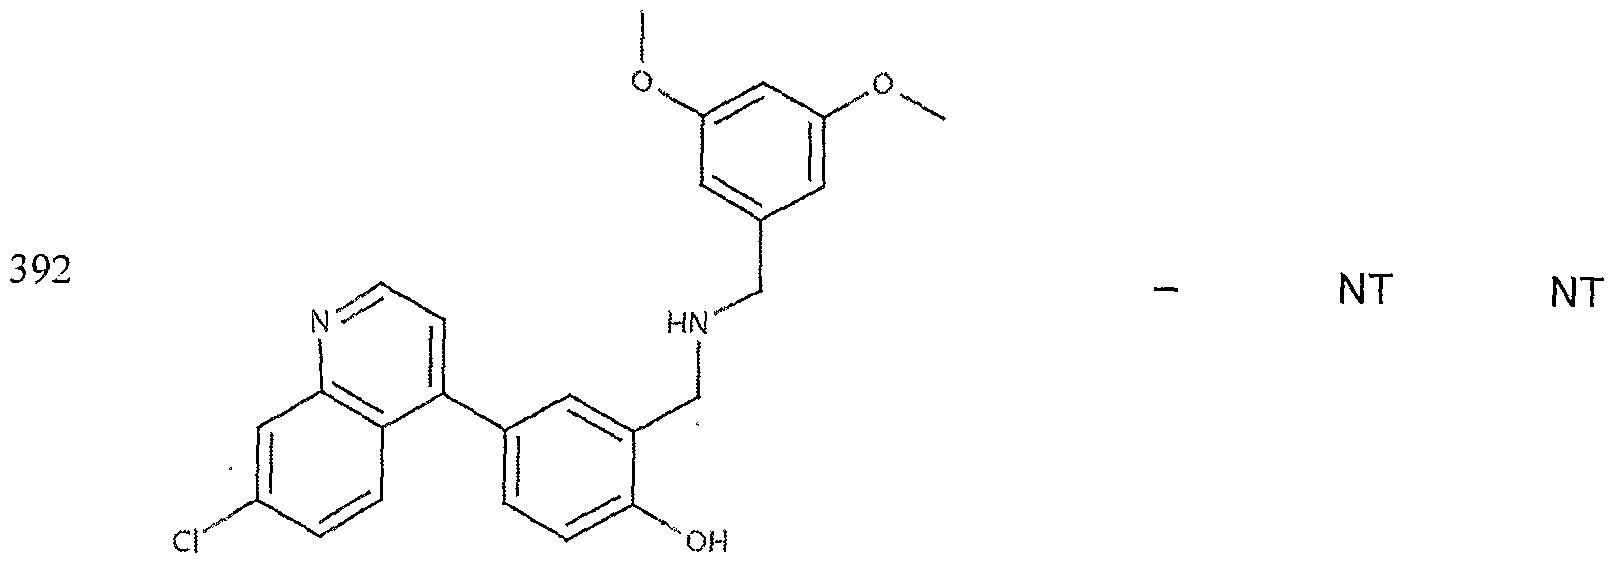 Figure imgf000161_0002